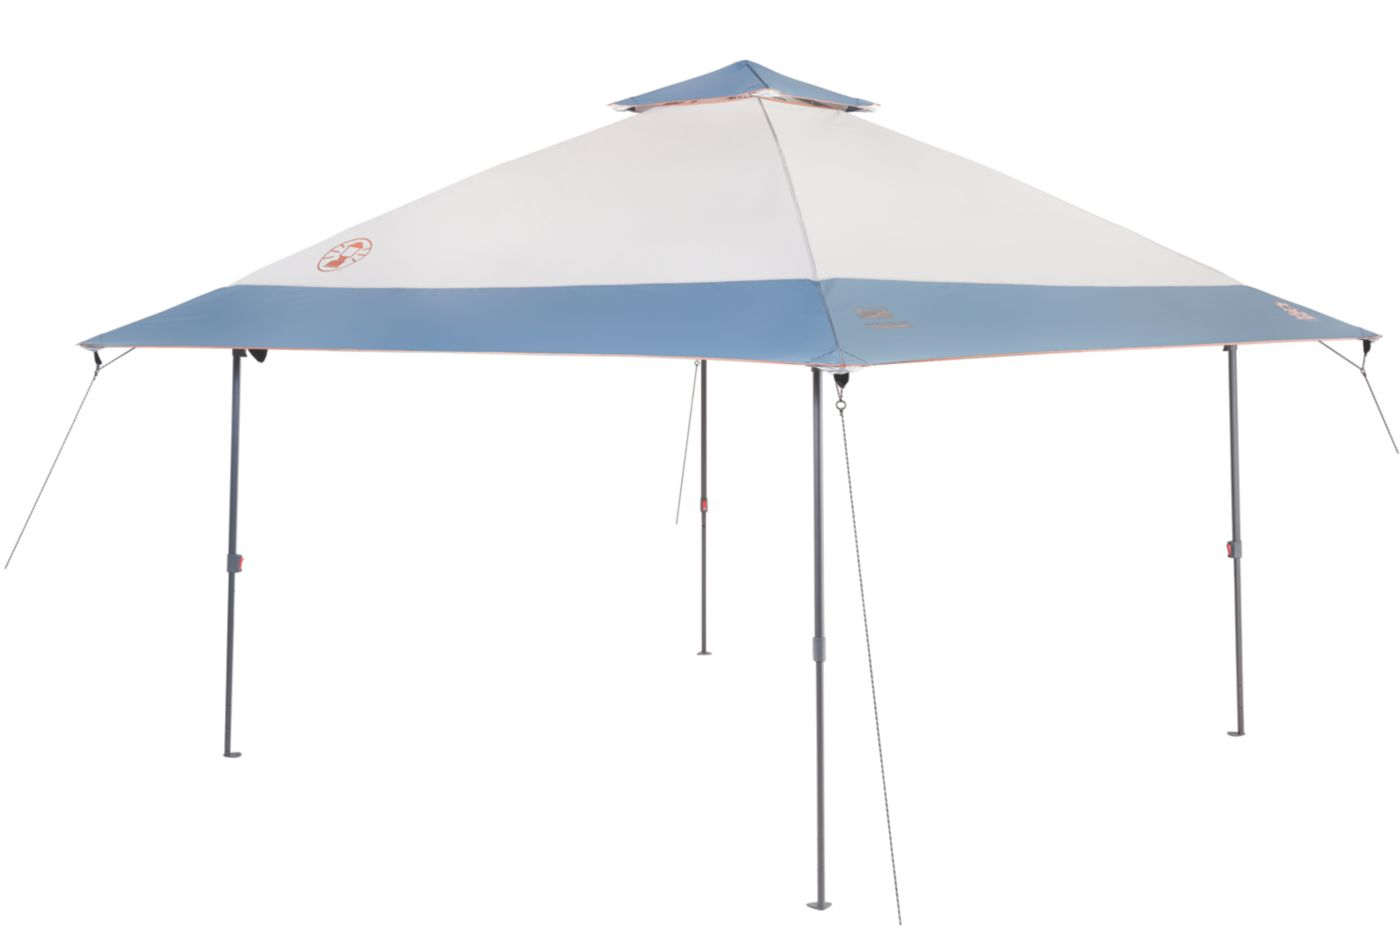 Coleman Umbrella Tent Amp Image Of Coleman Ridgeline 6 Plus